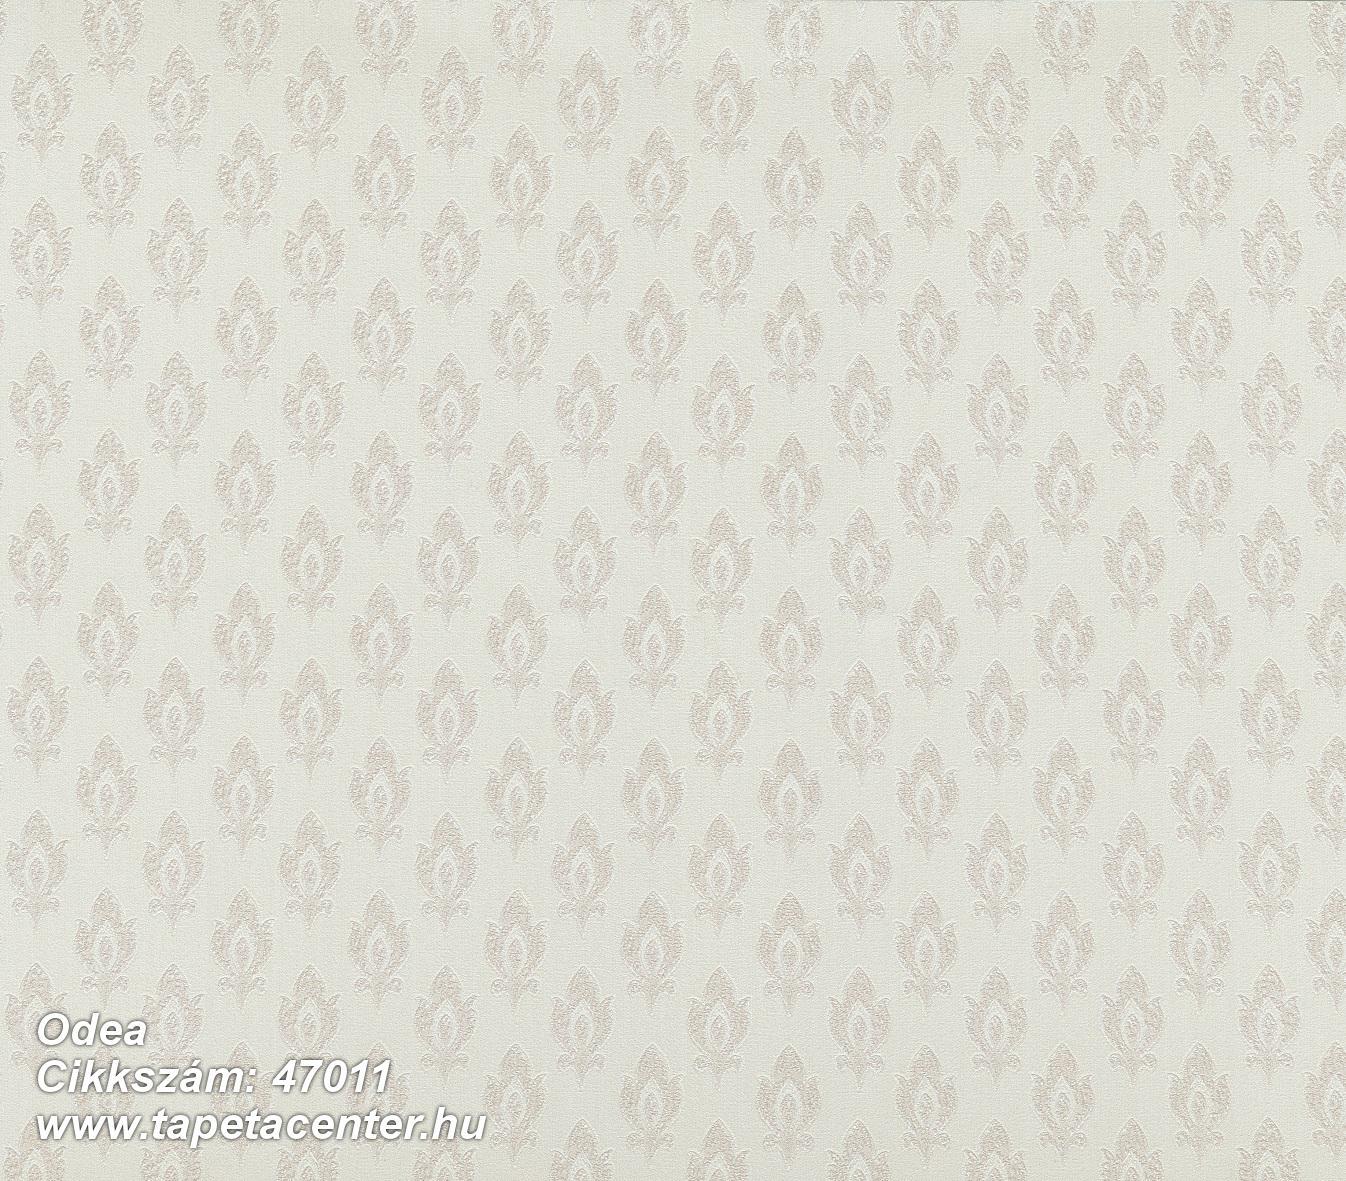 Odea - 47011 Olasz tapéta